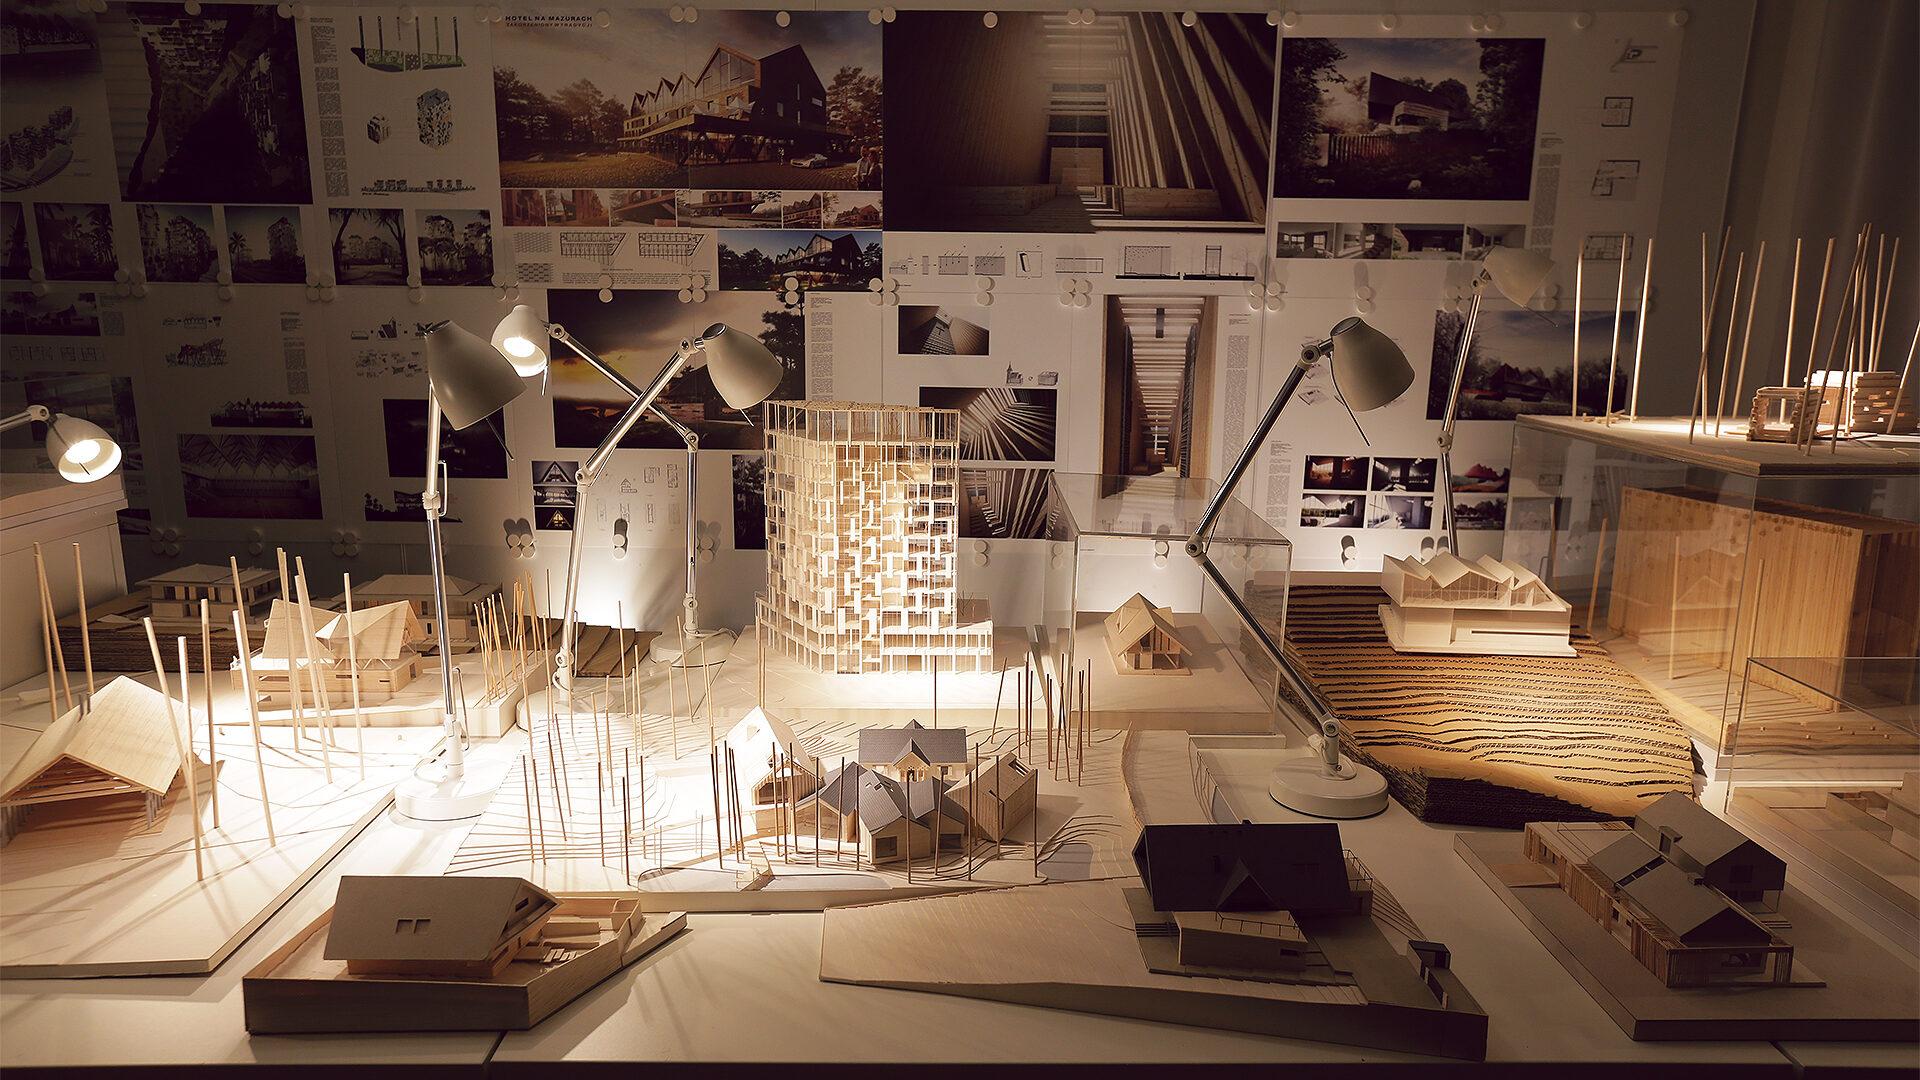 Eksperymentalna opowieść o architekturze ujęta w papierową animację